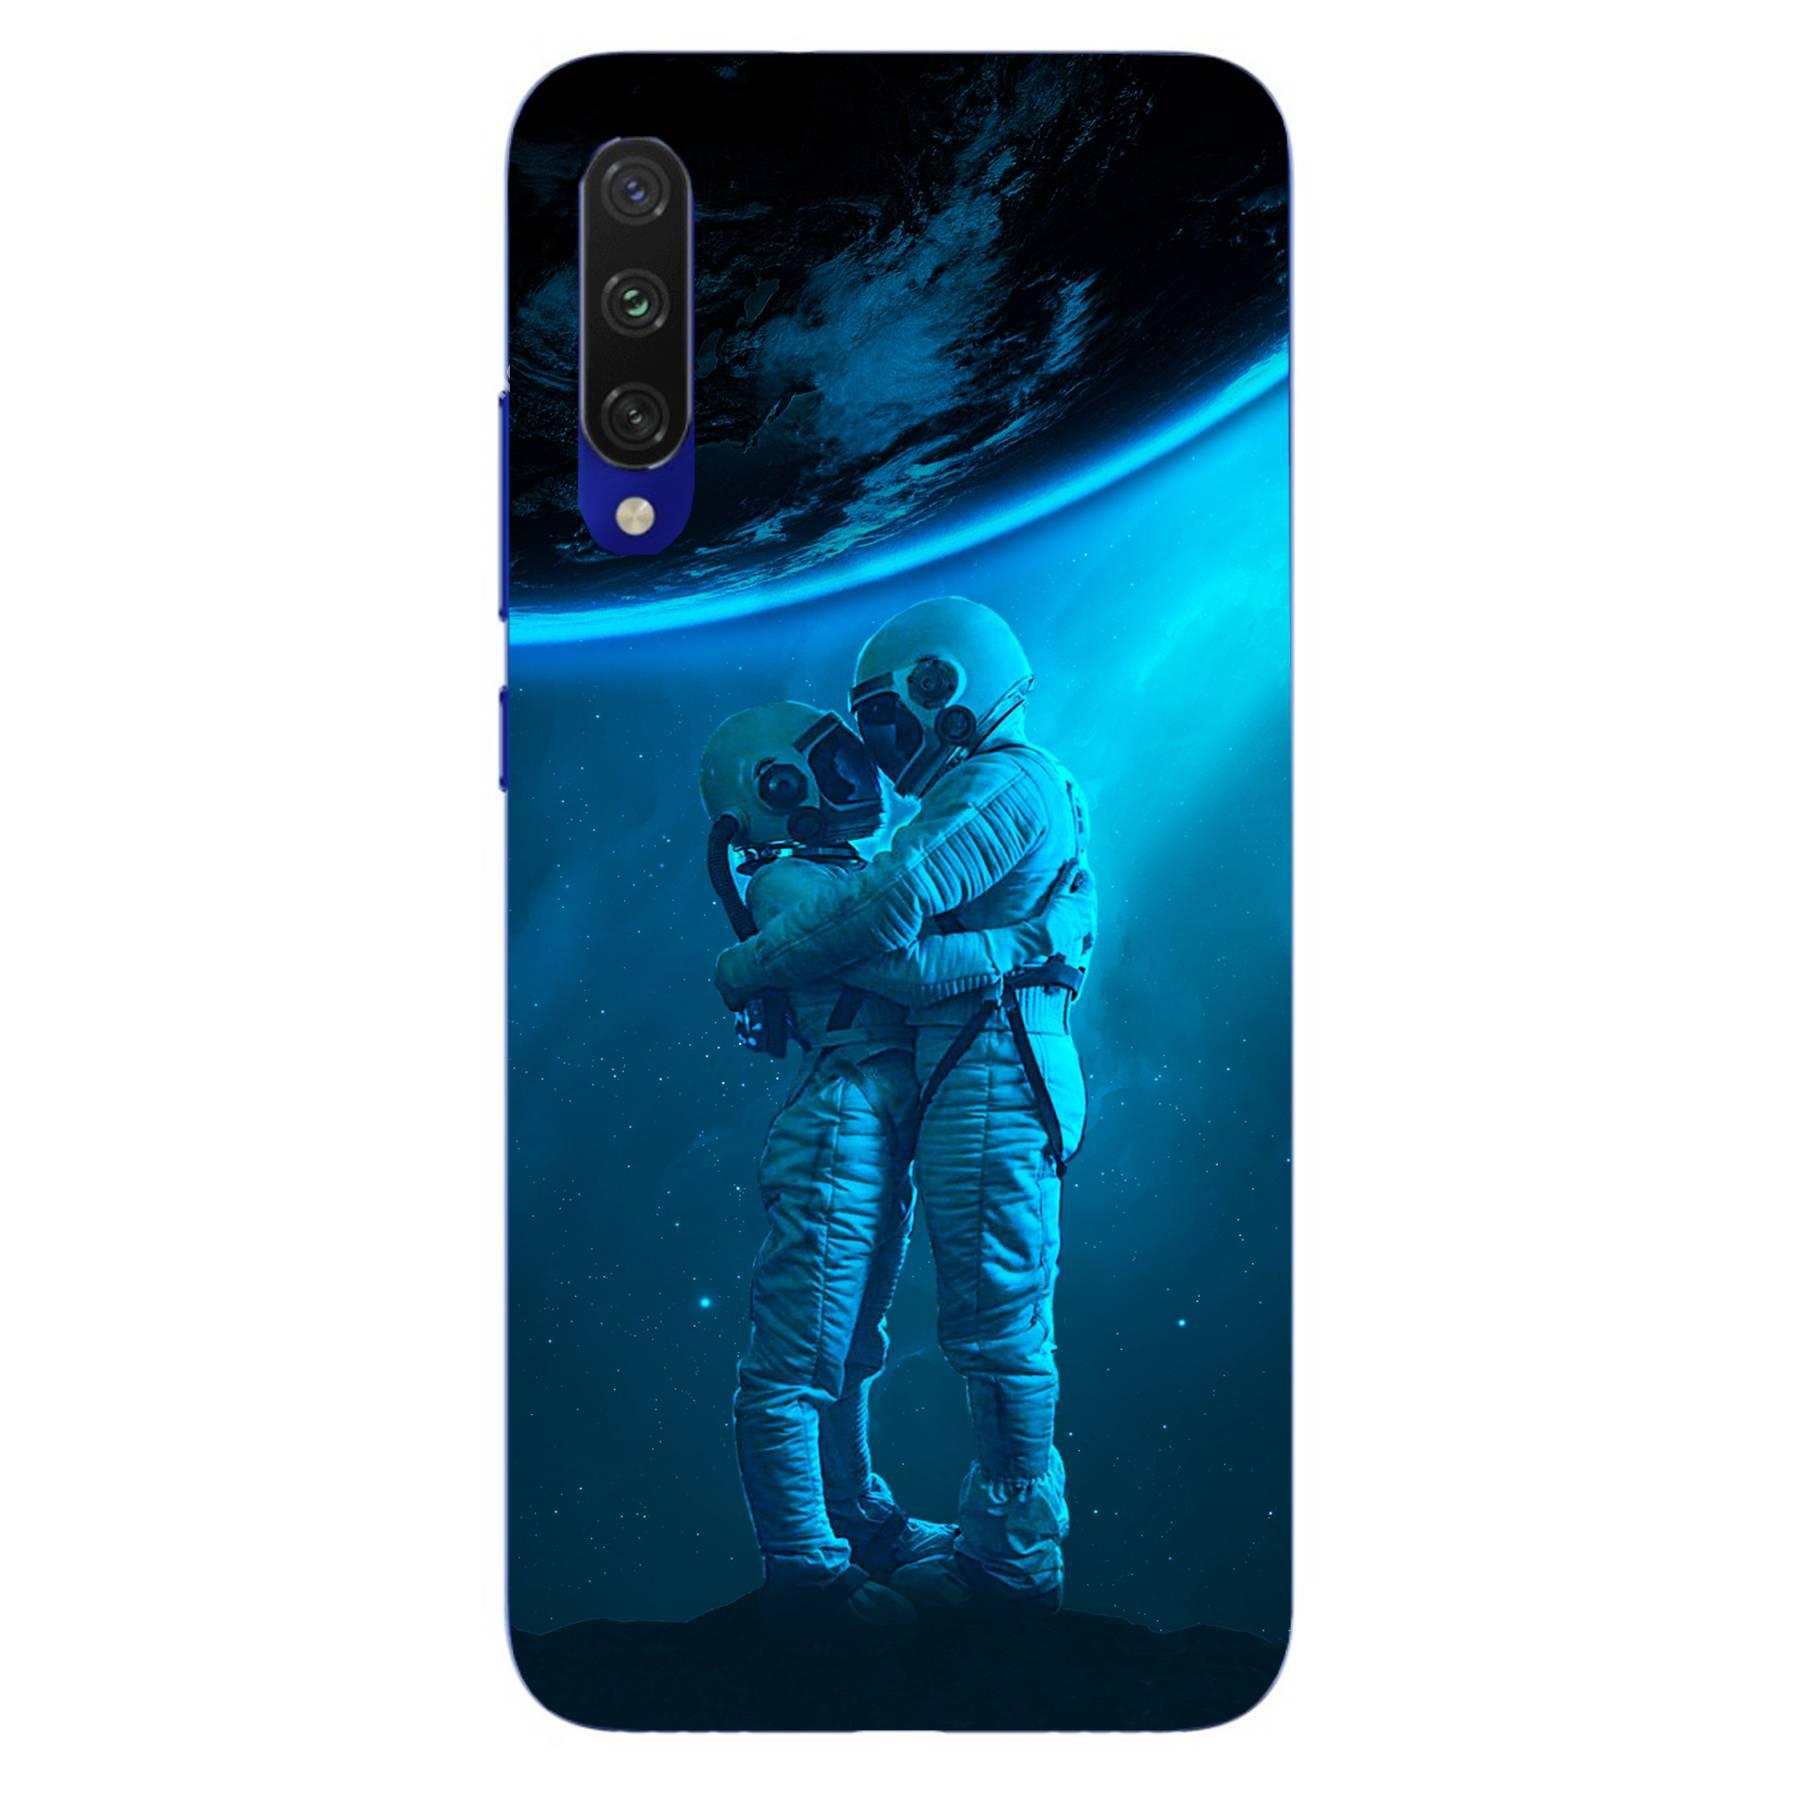 E-pic szilikon védő tok / hátlap - Szerelmes űrhajós pár mintás - Xiaomi Mi A3